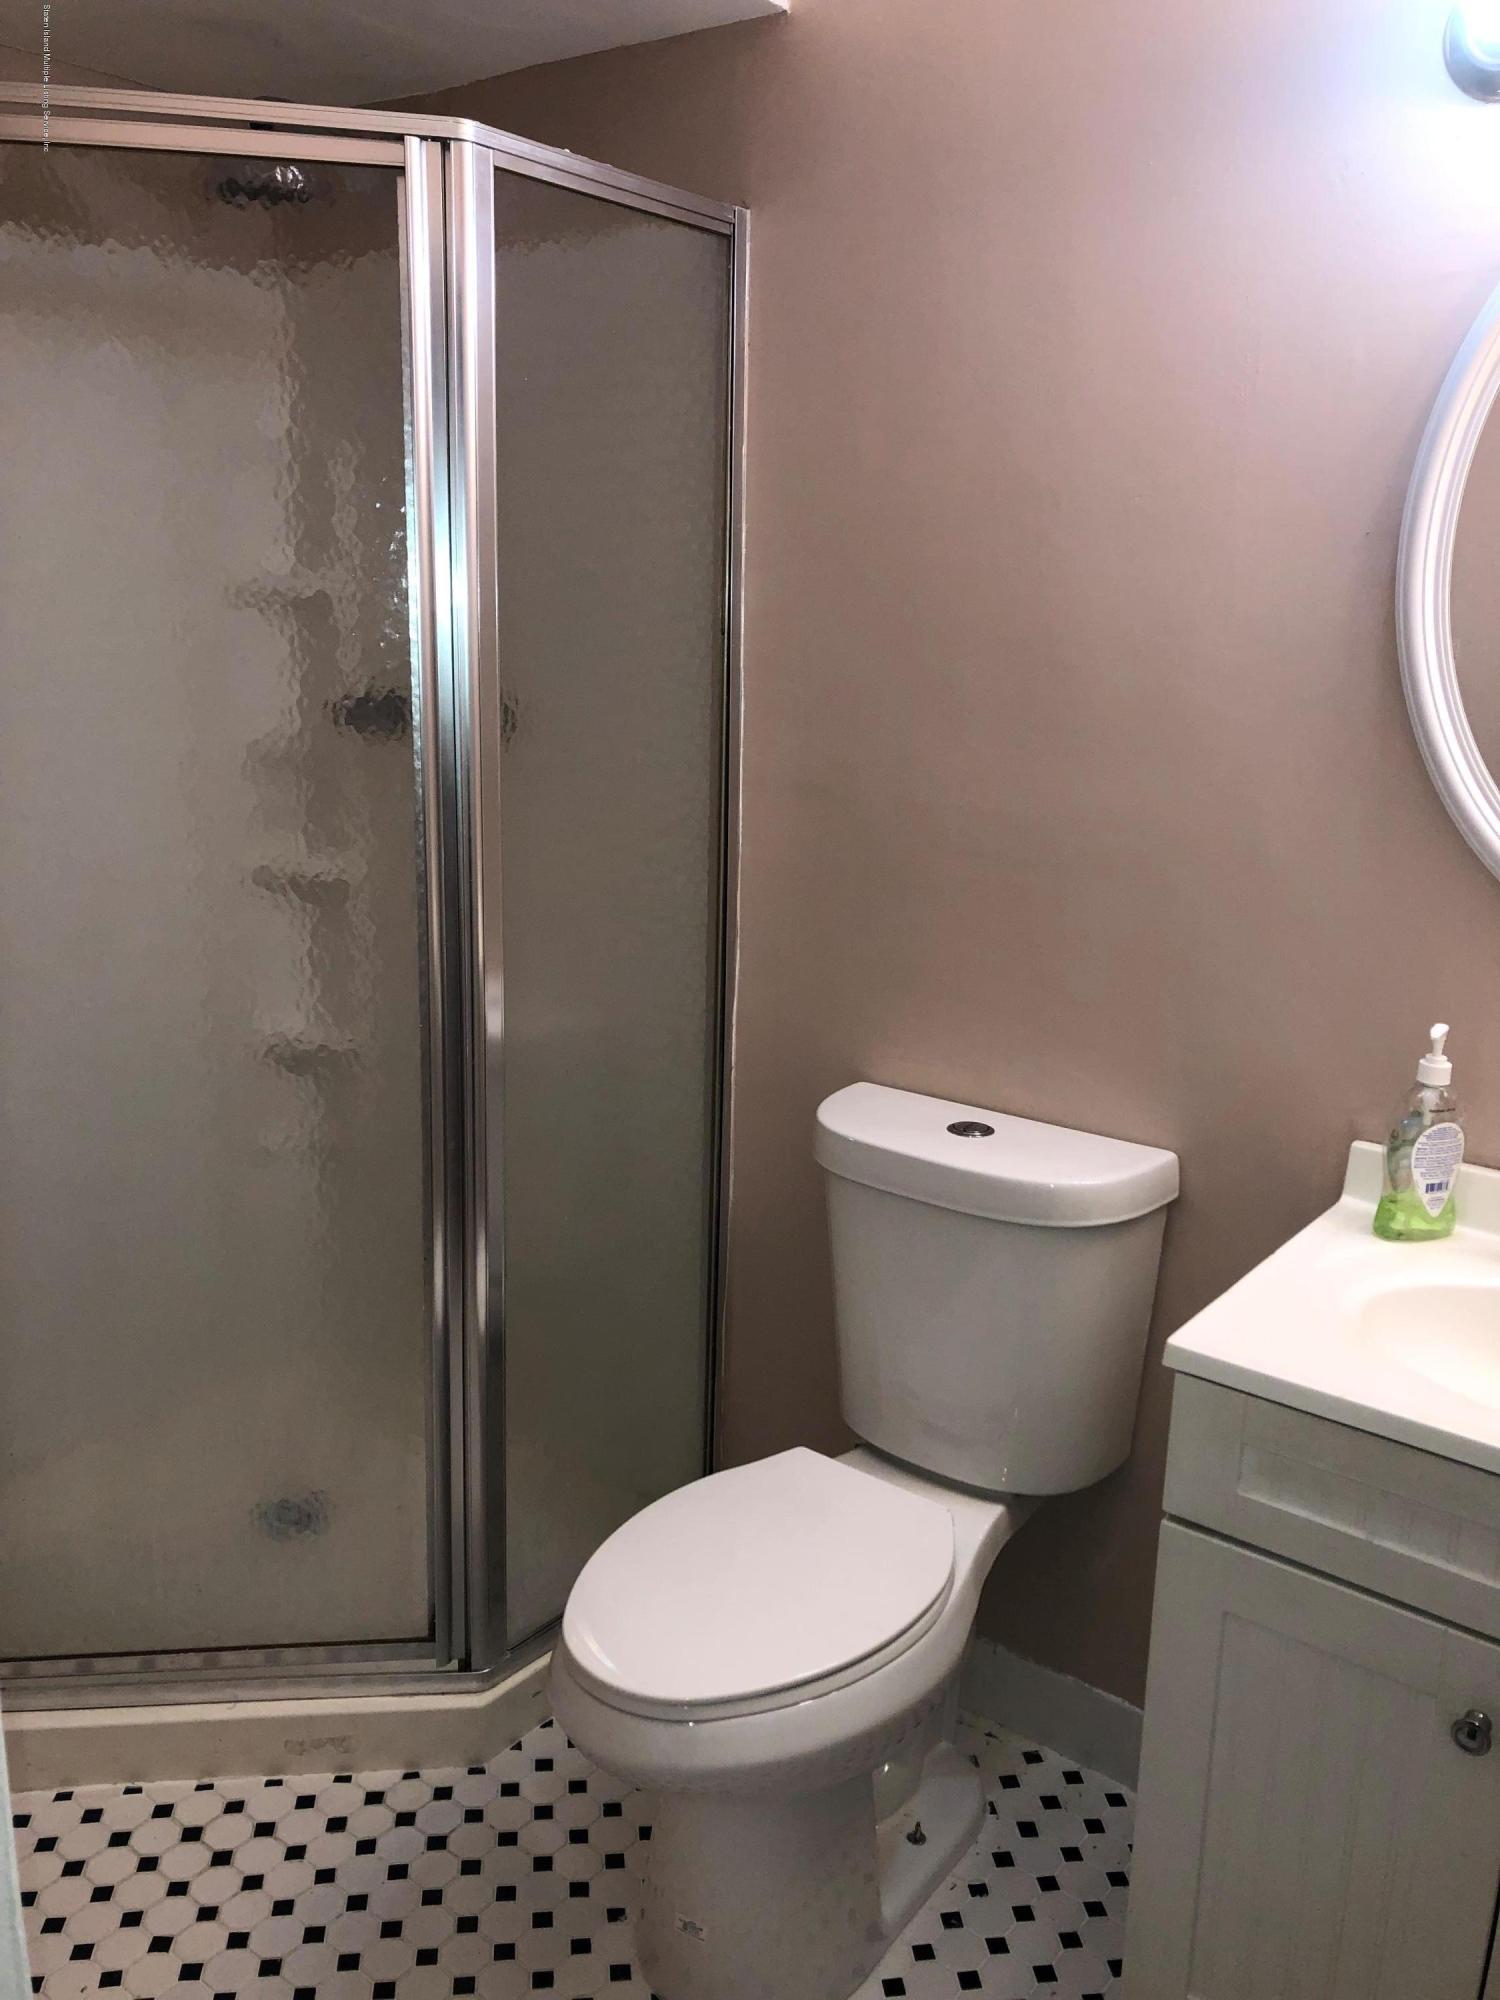 178 Timber Ridge Drive,Staten Island,New York,10306,United States,3 Bedrooms Bedrooms,6 Rooms Rooms,2 BathroomsBathrooms,Res-Rental,Timber Ridge,1129383